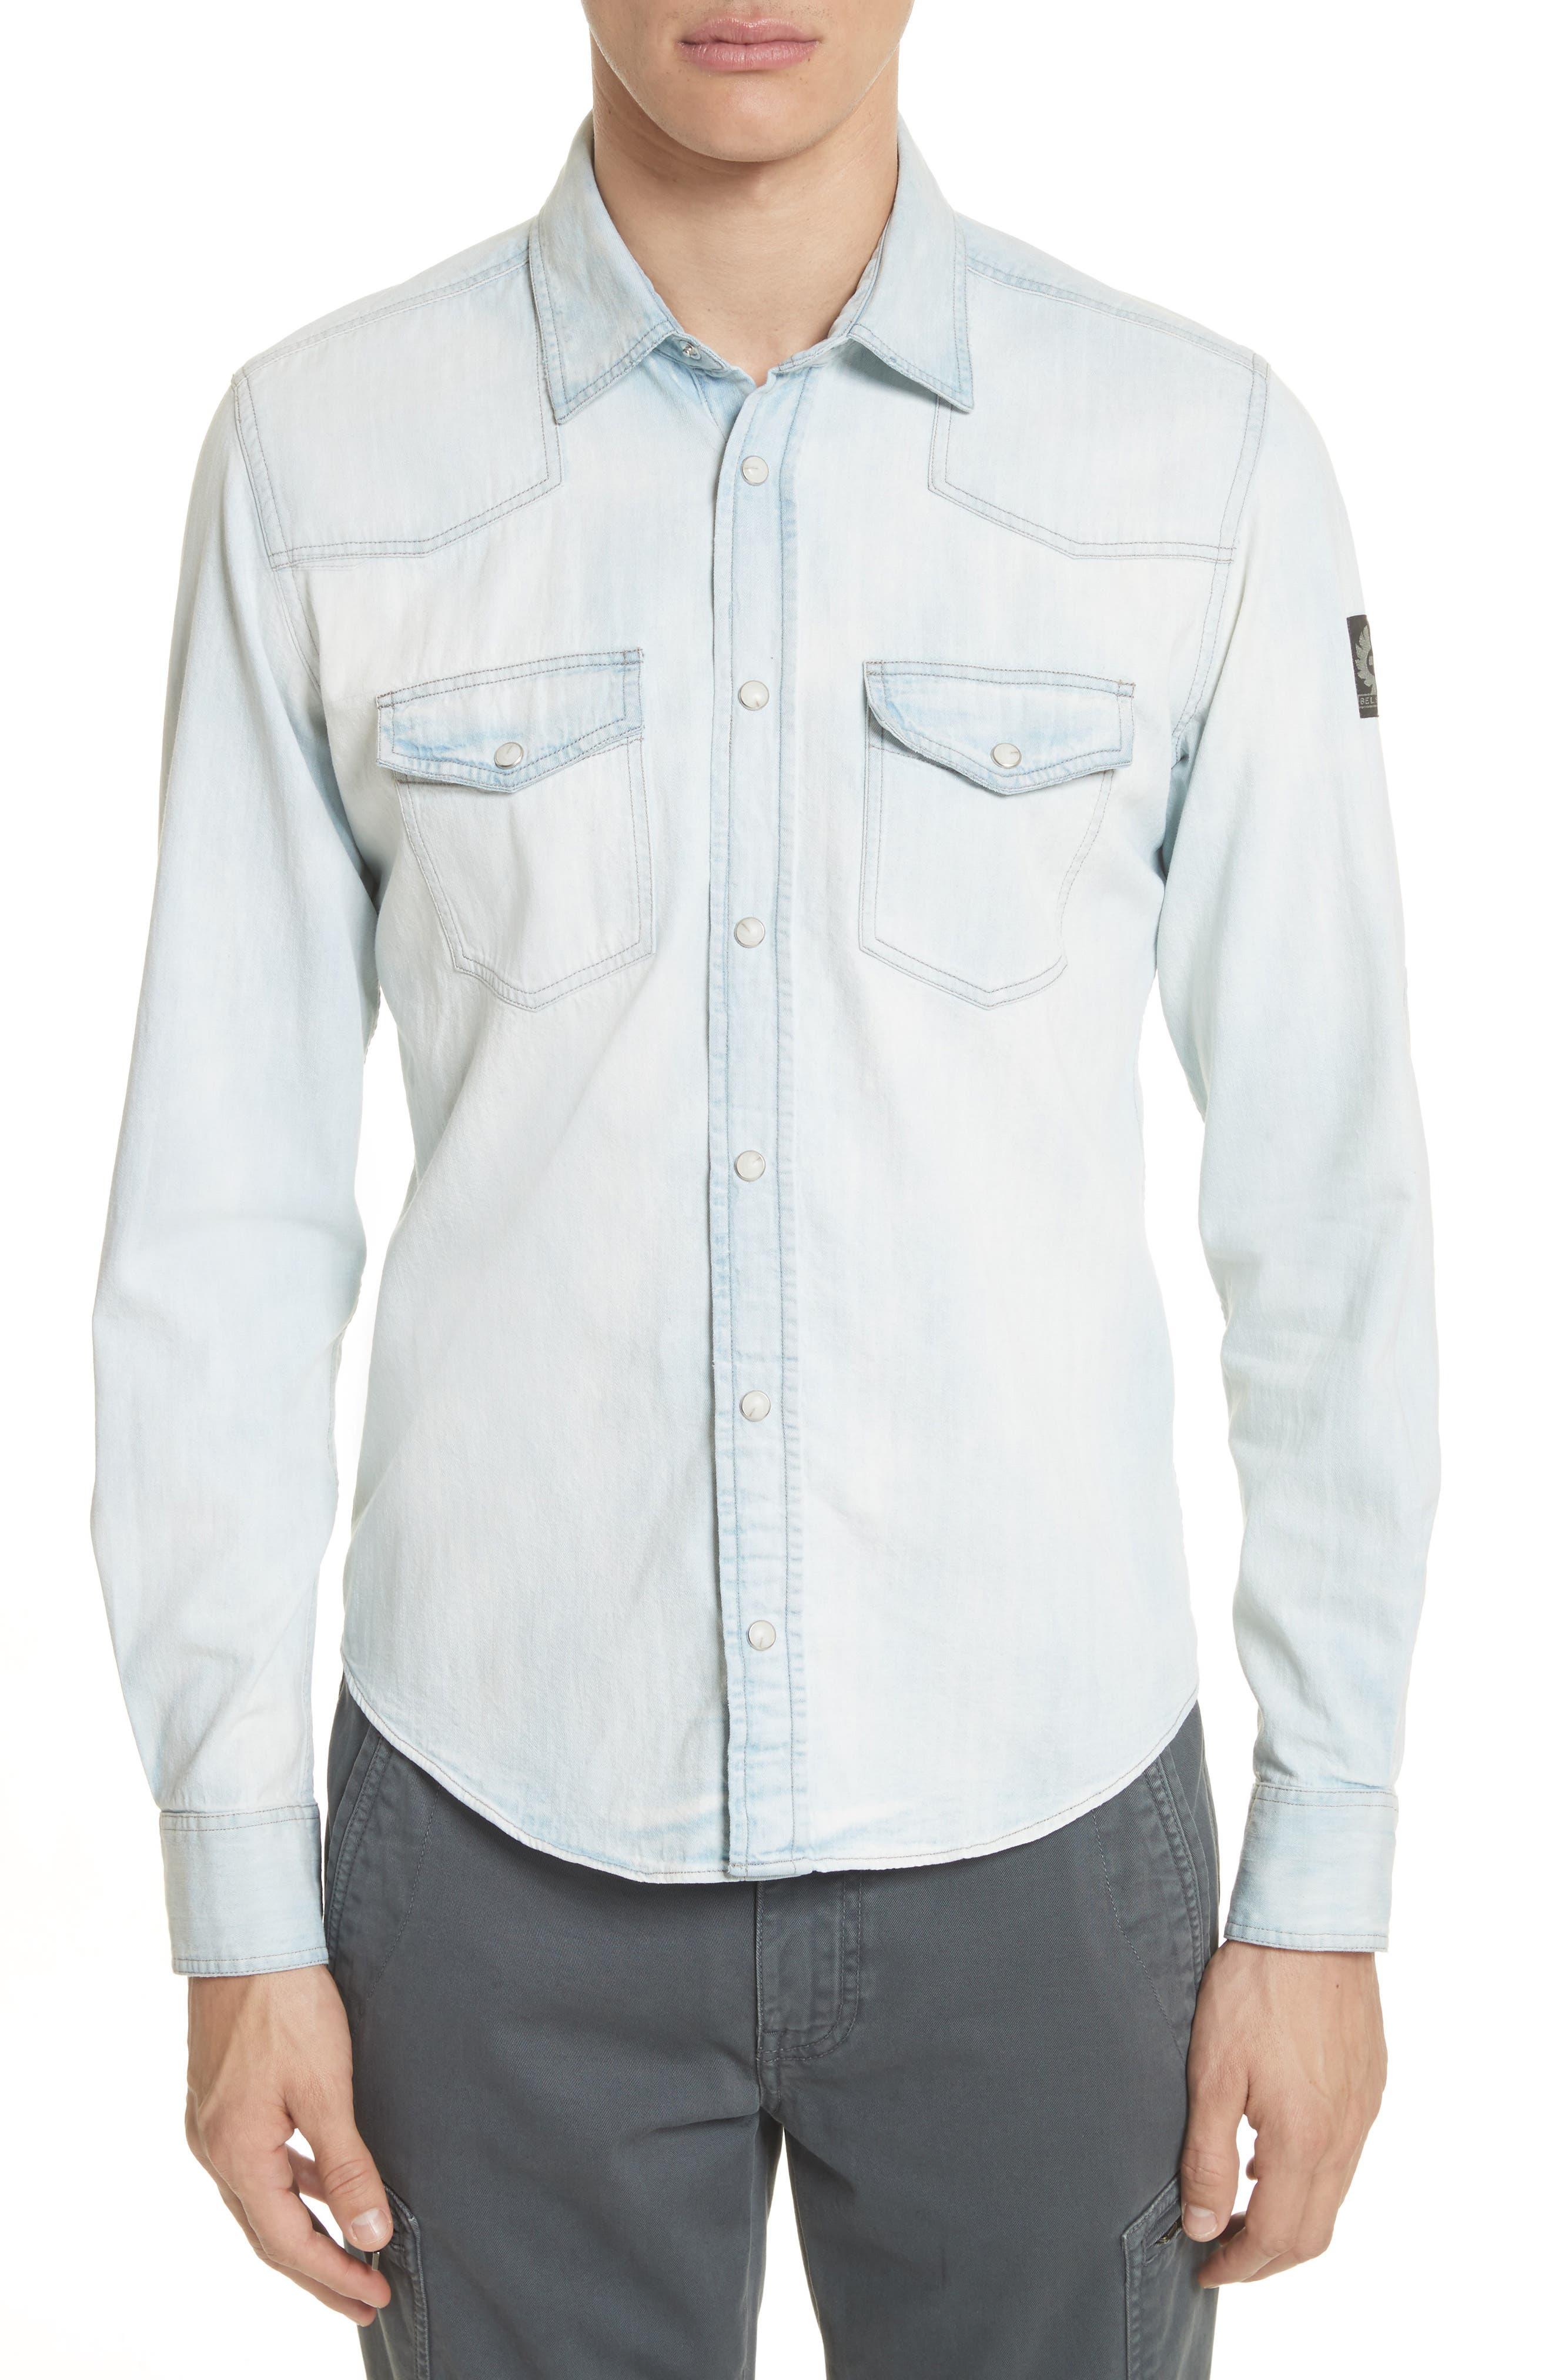 Belstaff Denim Woven Shirt